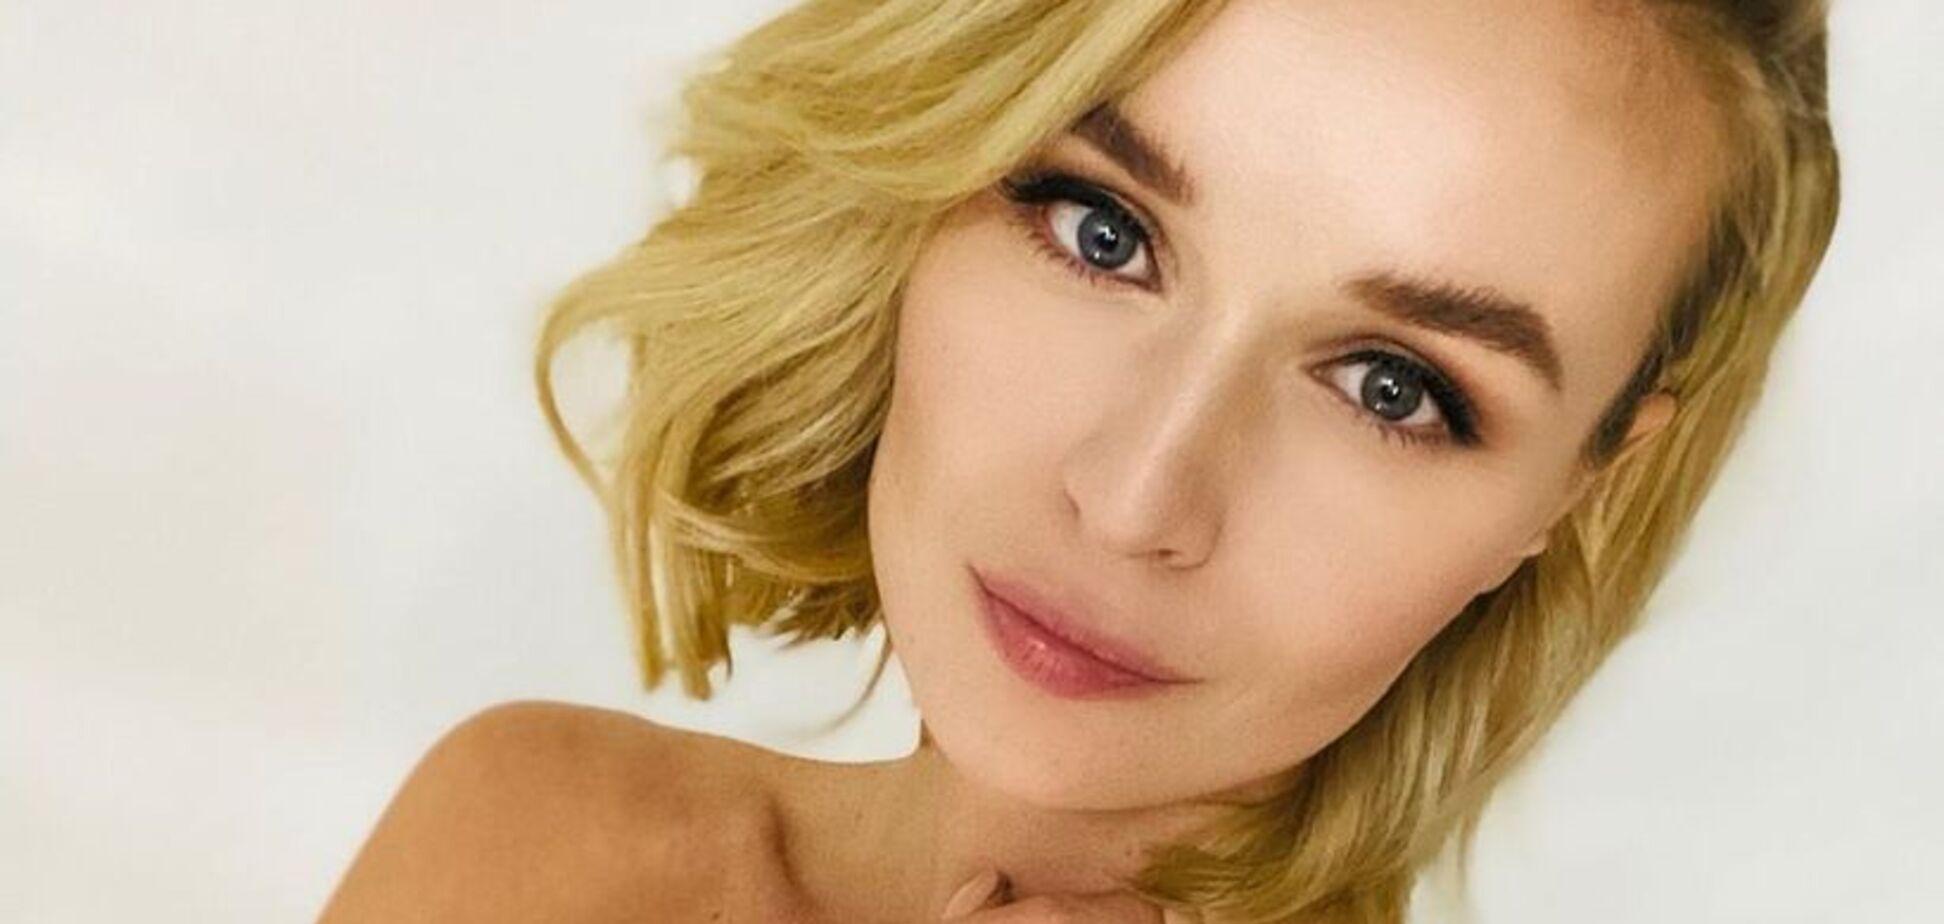 'Страшно дивитися!' Російська співачка засвітила сідниці в бікіні і нарвалася на критику